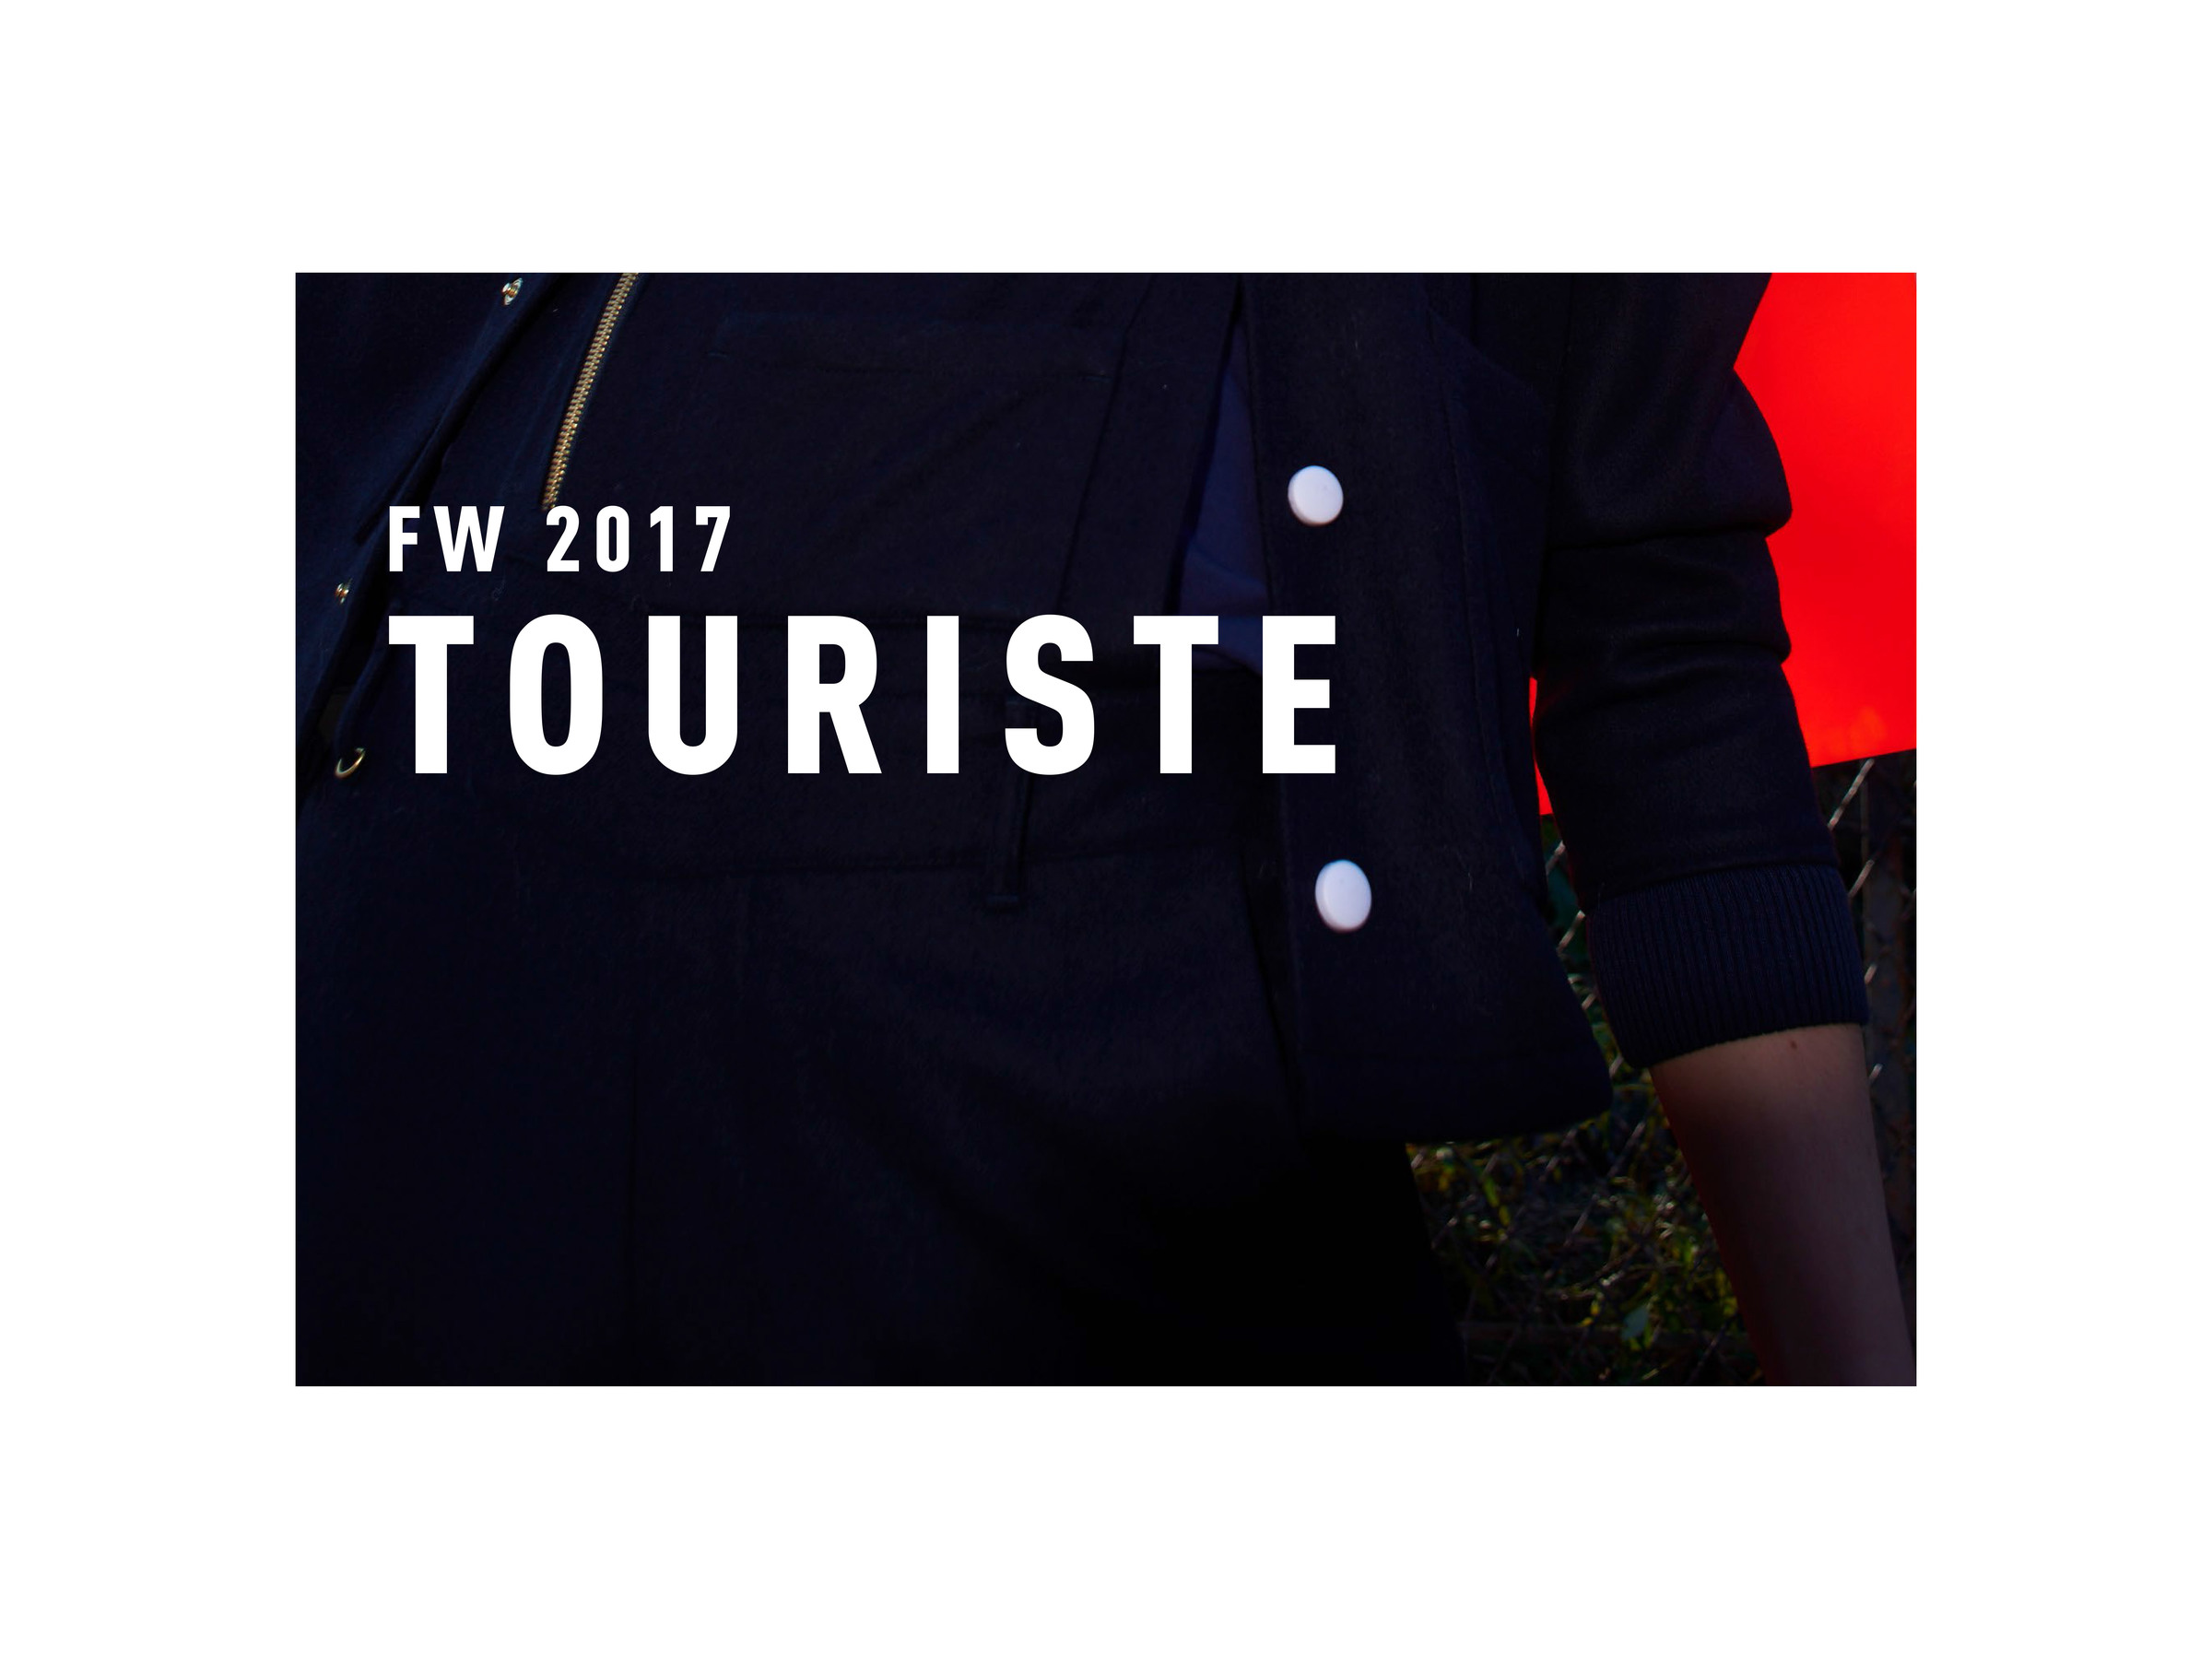 Lookbook touriste fw17 2